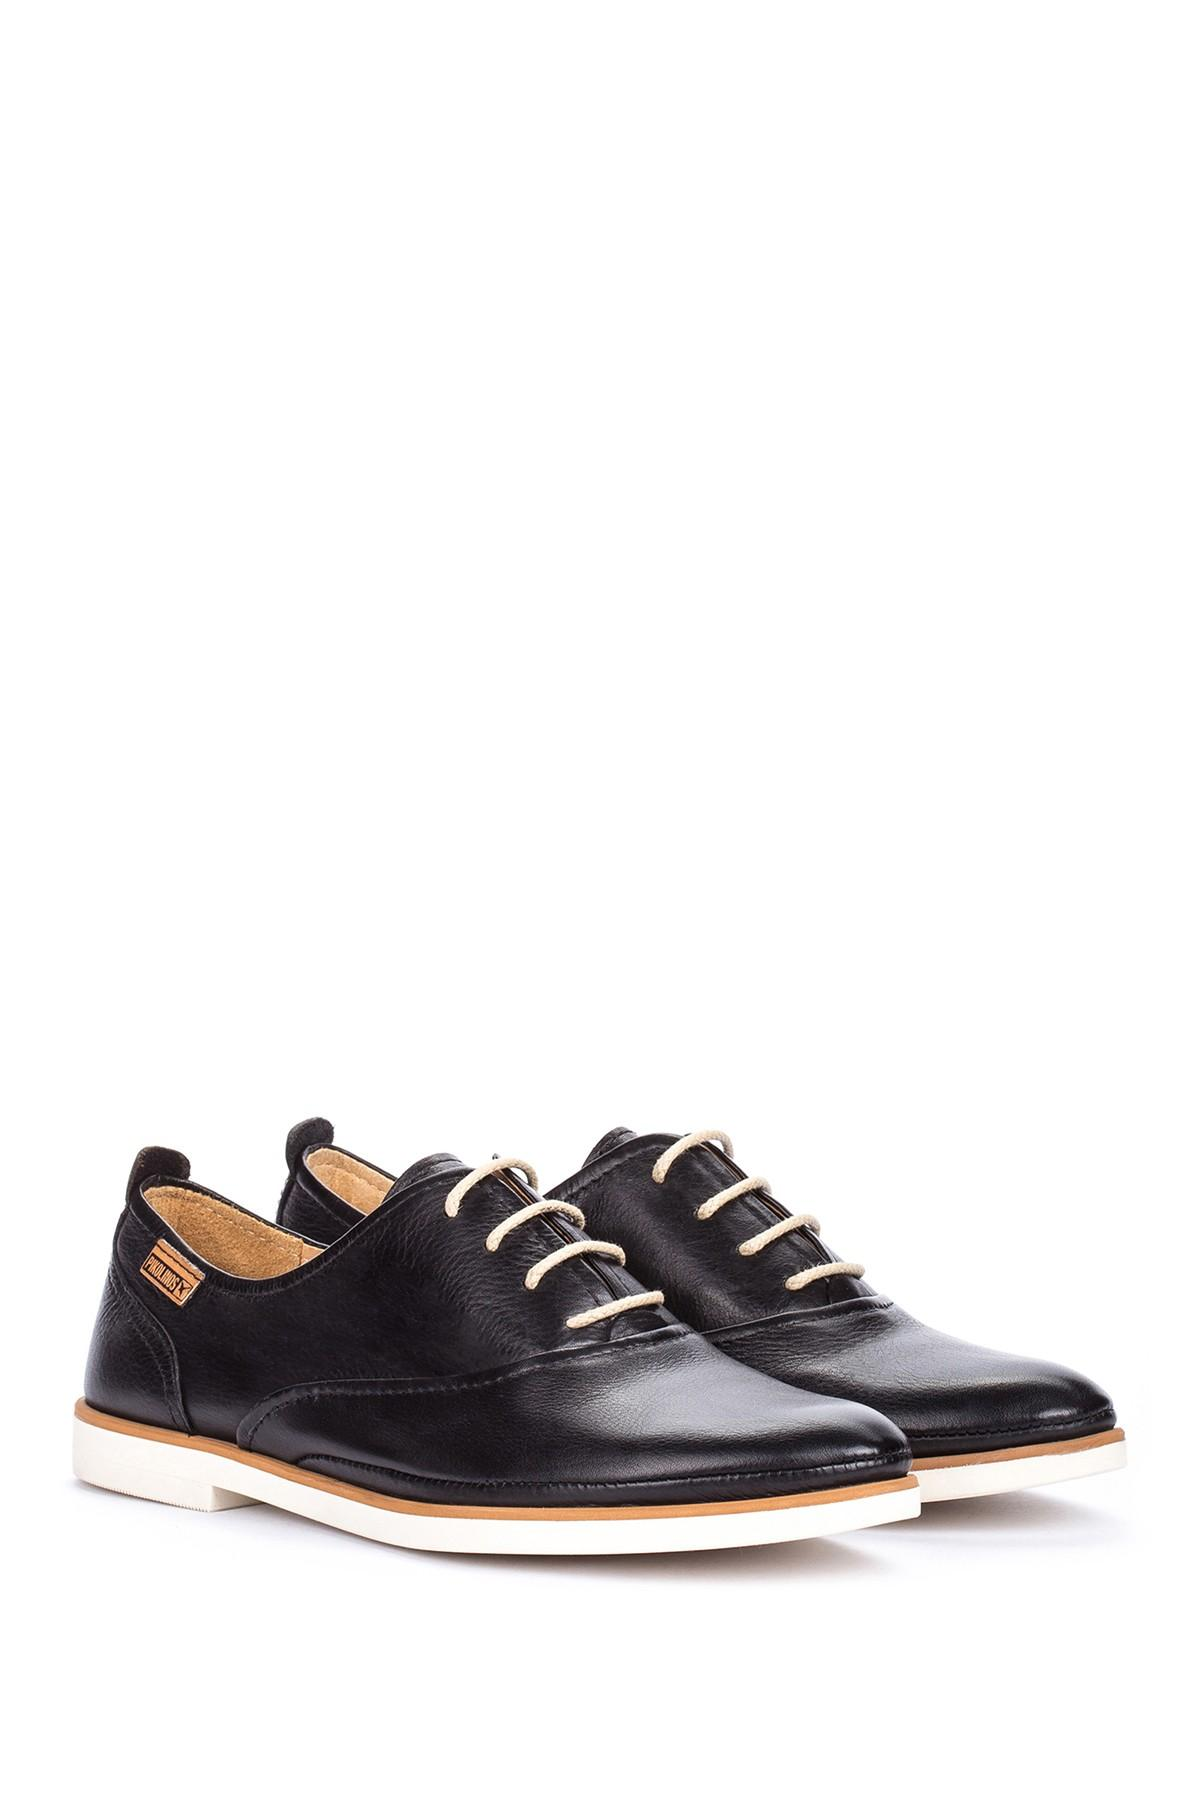 9416e6e415e Lyst - Pikolinos Santorini Leather Oxford in Black